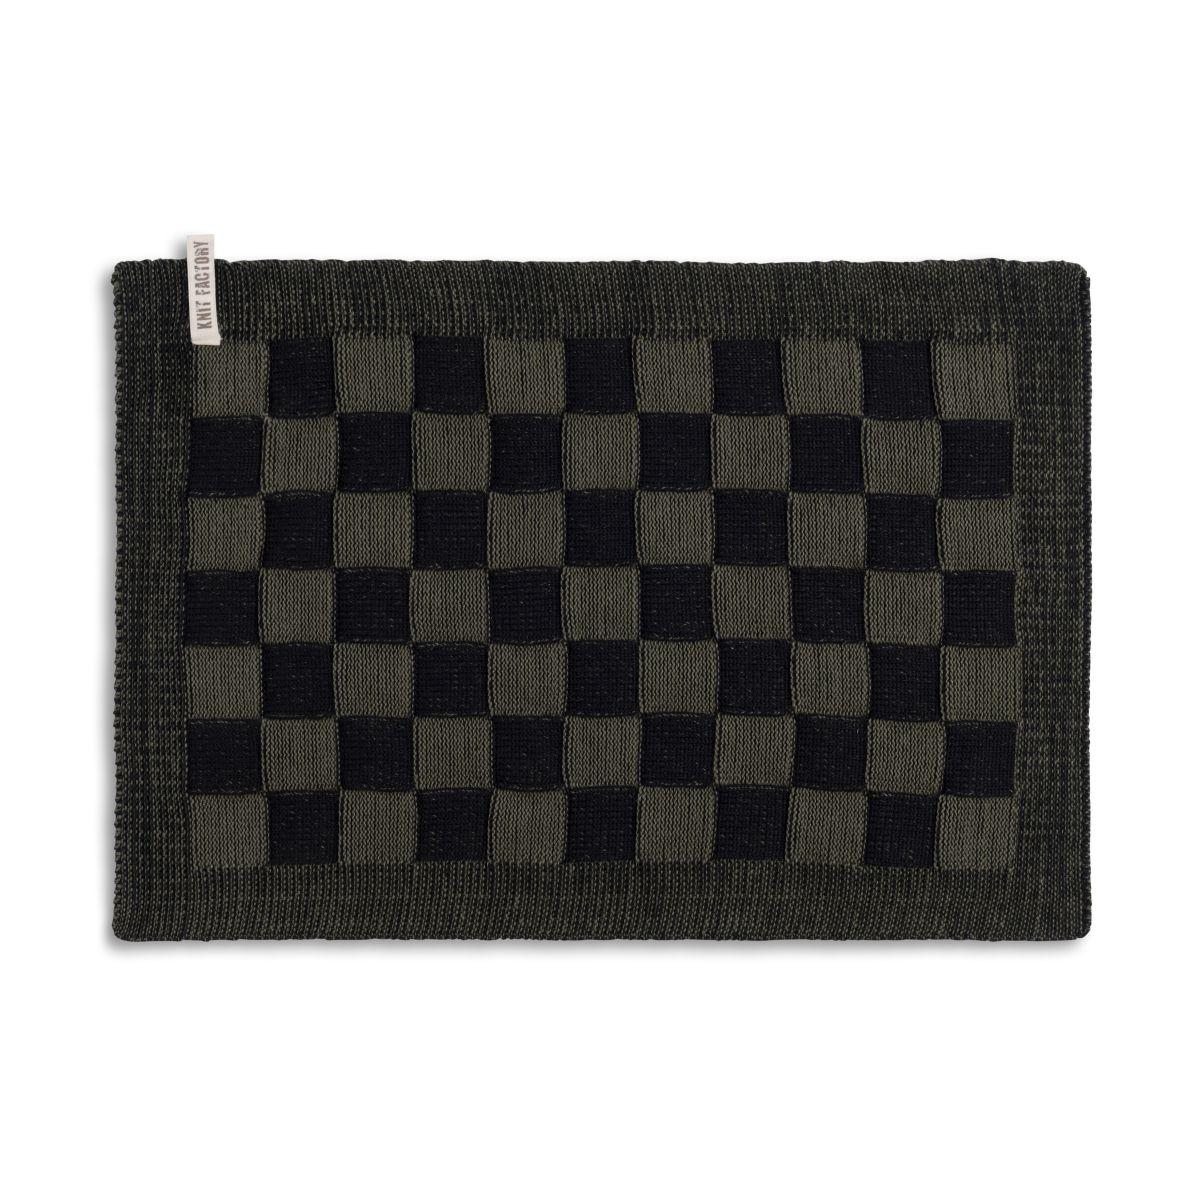 knit factory 2010263 placemat grote blok 2 kleuren zwart khaki